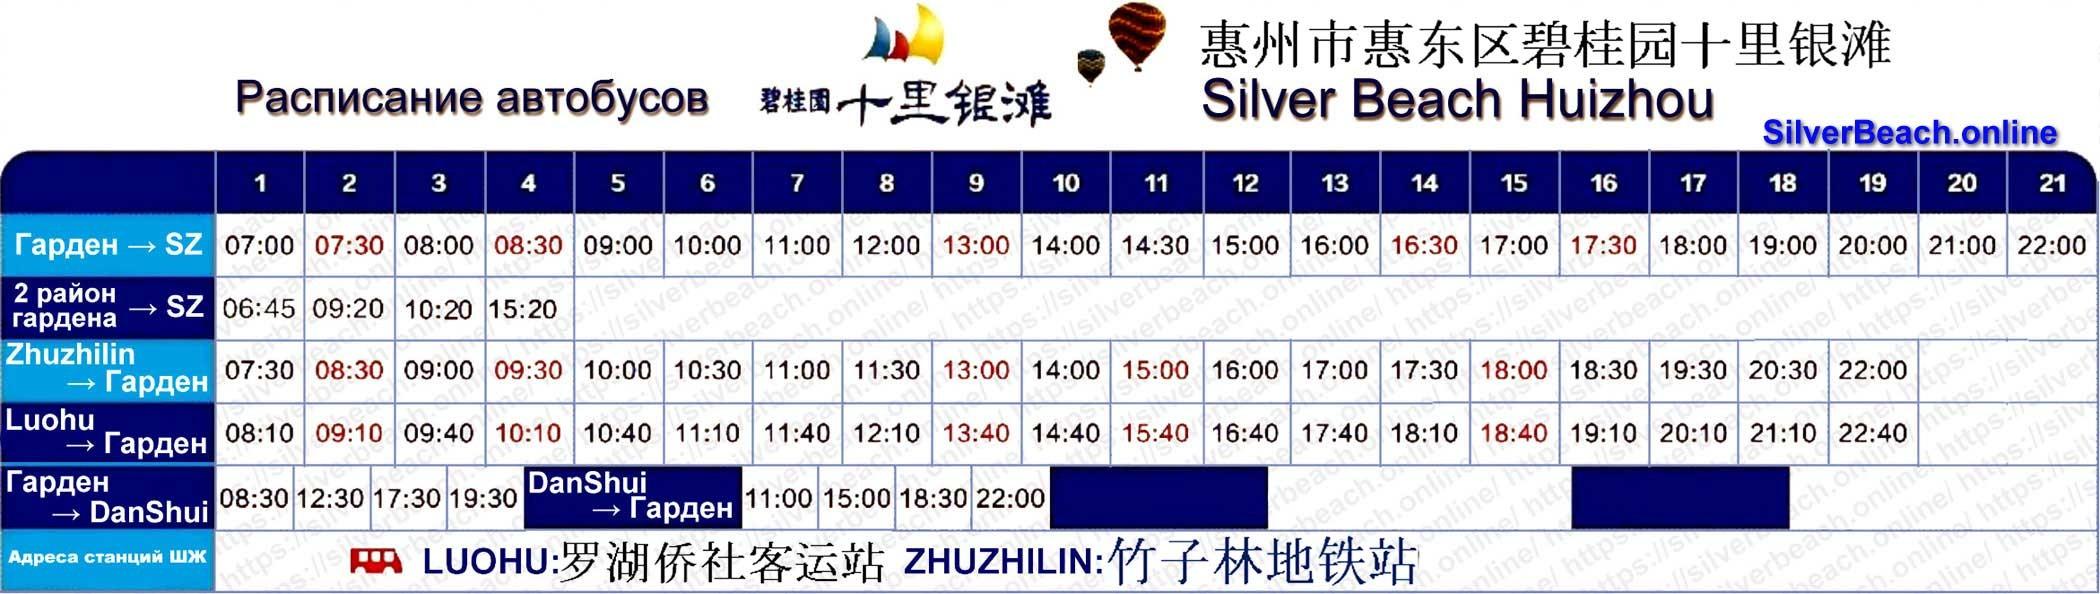 Расписание автобусов Silver Beach Huizhou